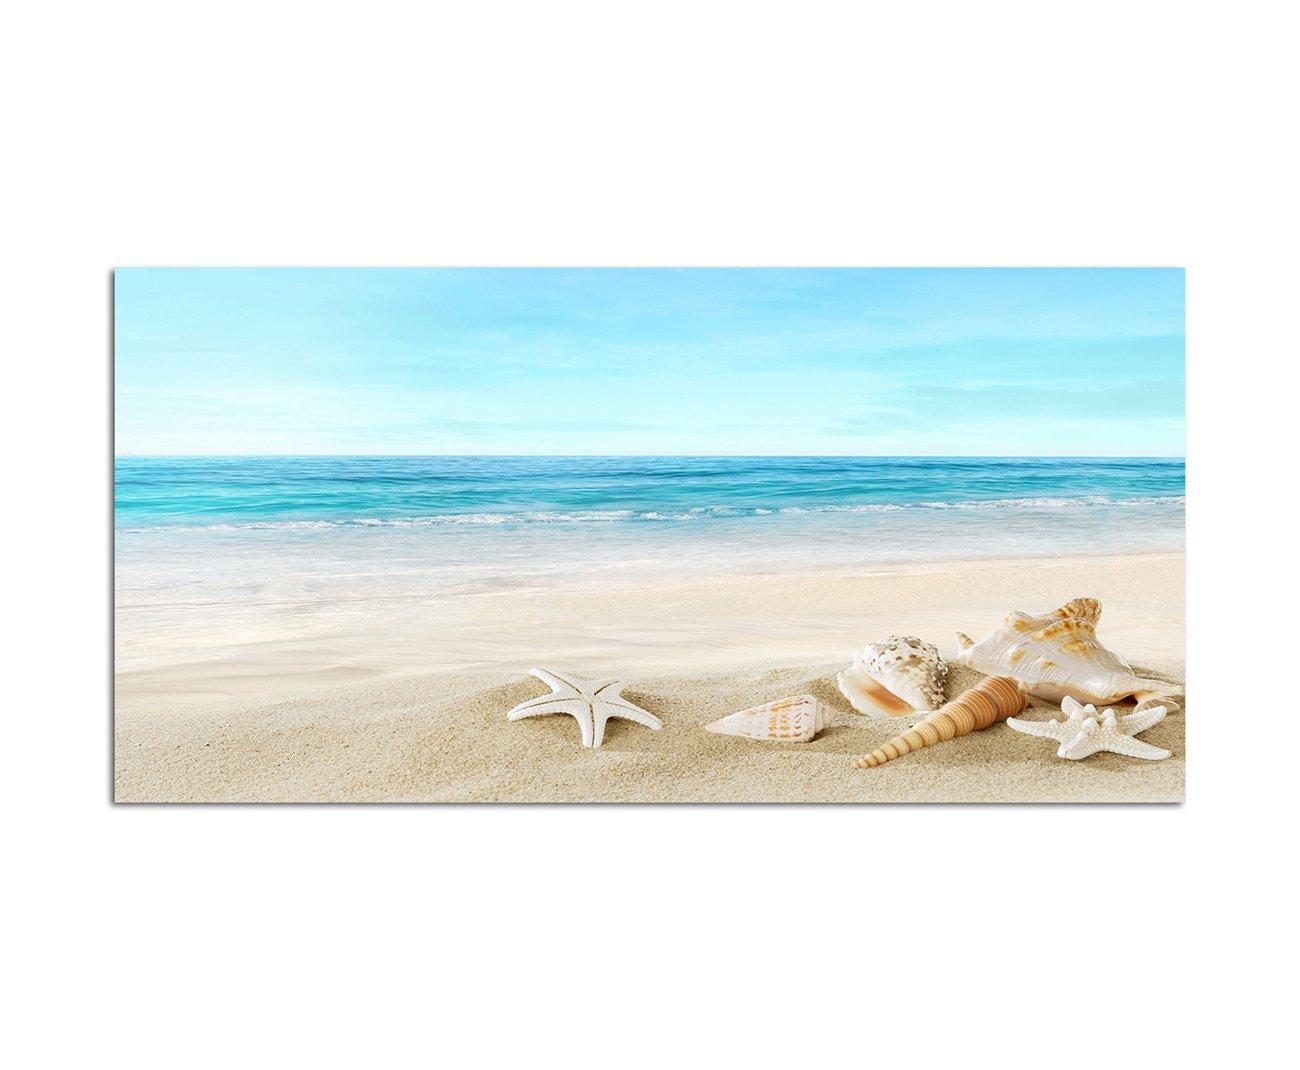 120x80cm - Fotodruck auf Leinwand und Rahmen Strand Meer Muscheln Seestern Sand - Leinwandbild auf Keilrahmen modern stilvoll - Bilder und Dekoration Augenblicke Wandbilder